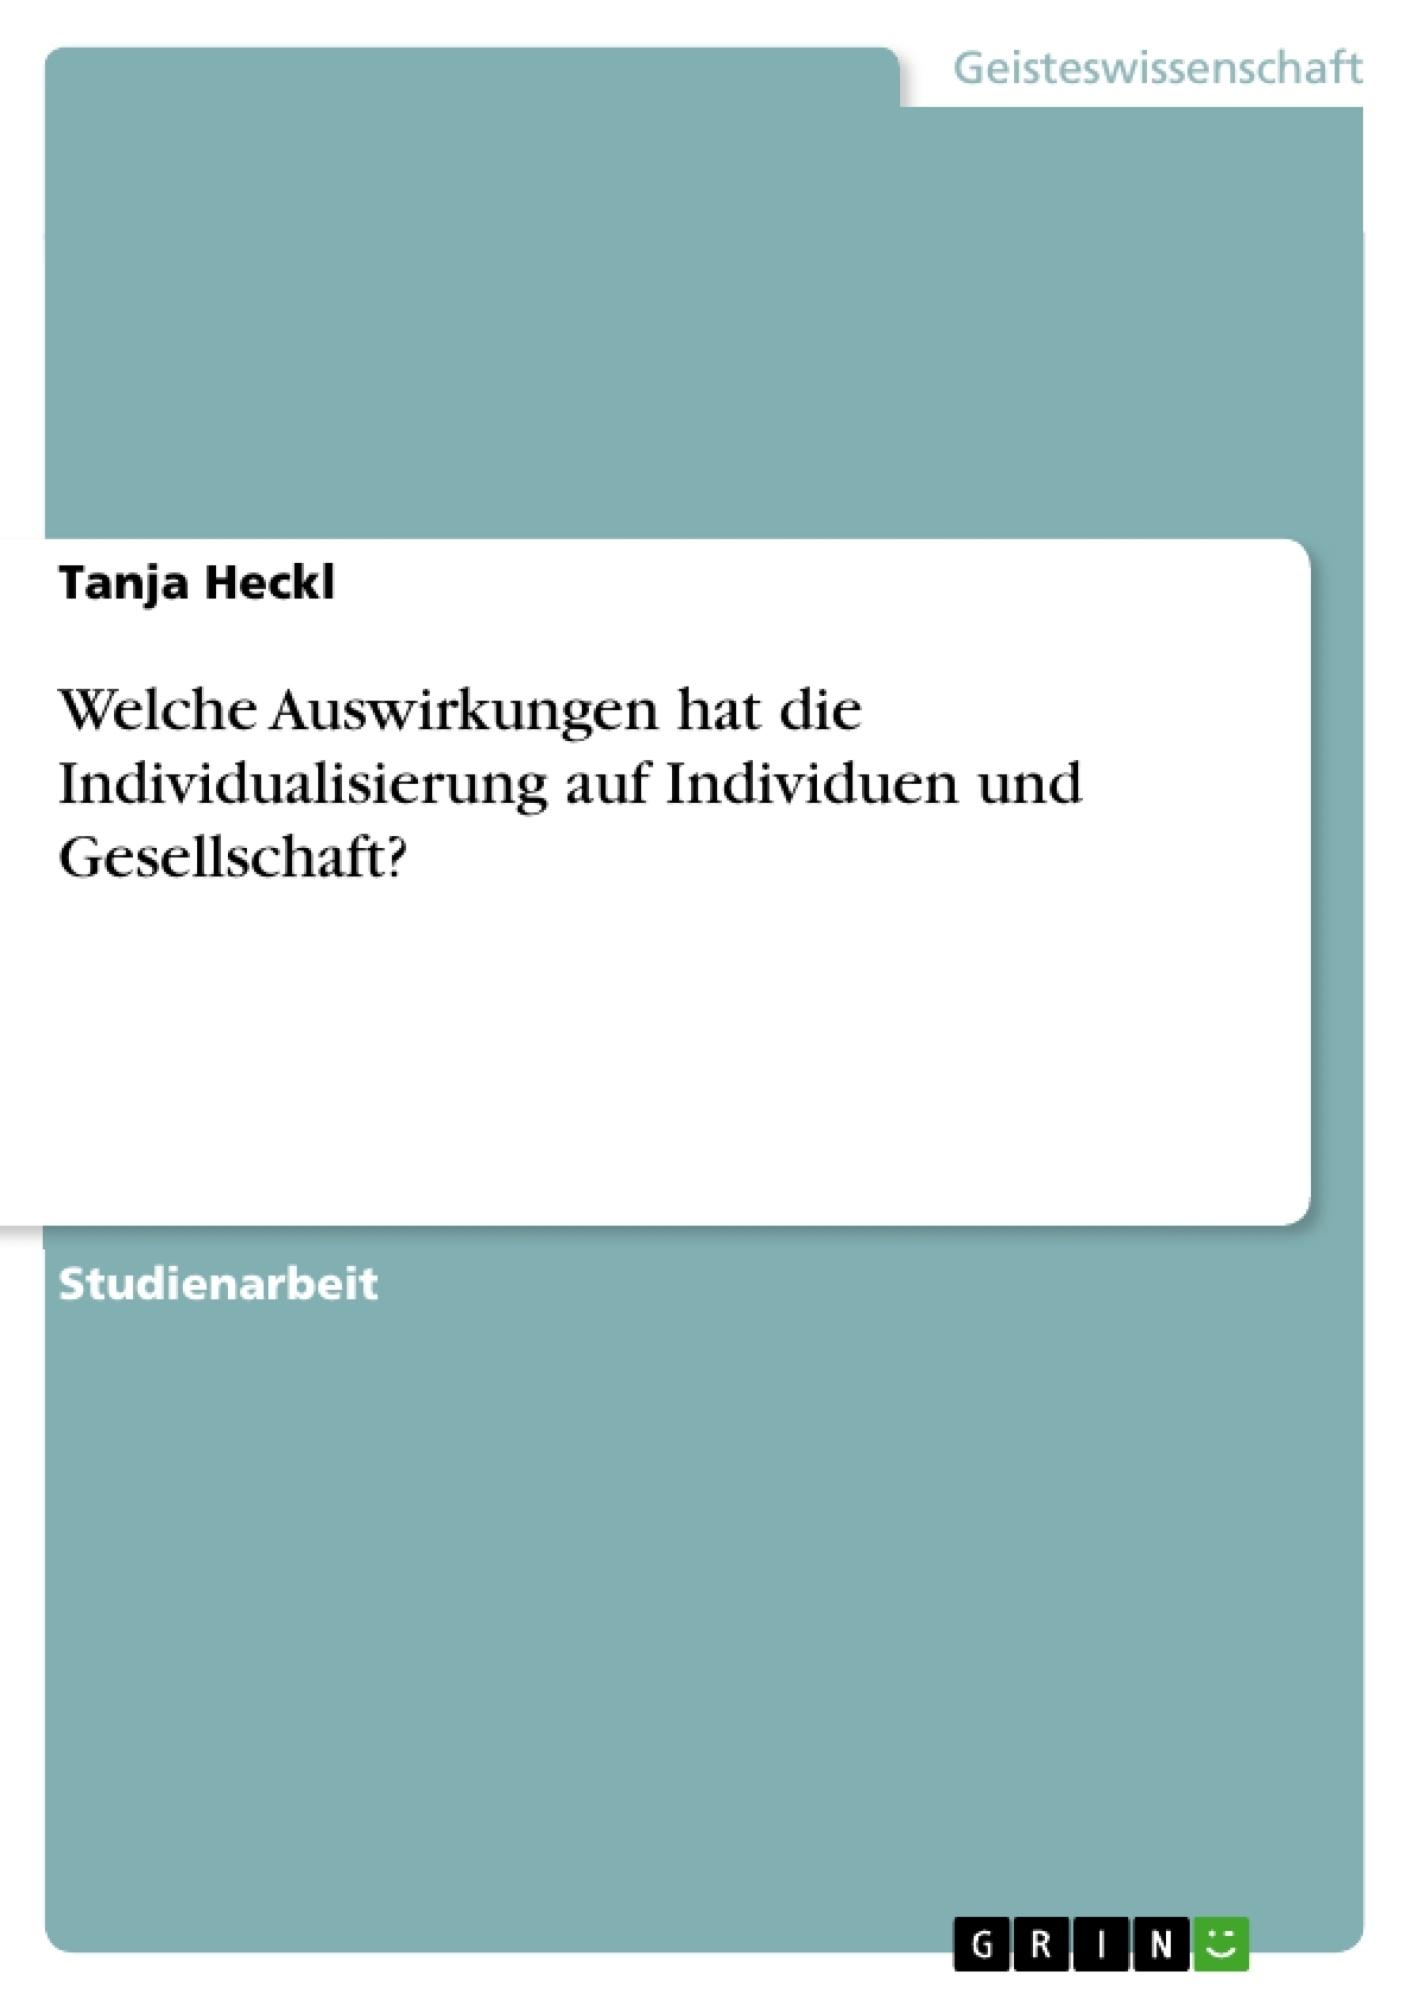 Titel: Welche Auswirkungen hat die Individualisierung auf Individuen und Gesellschaft?